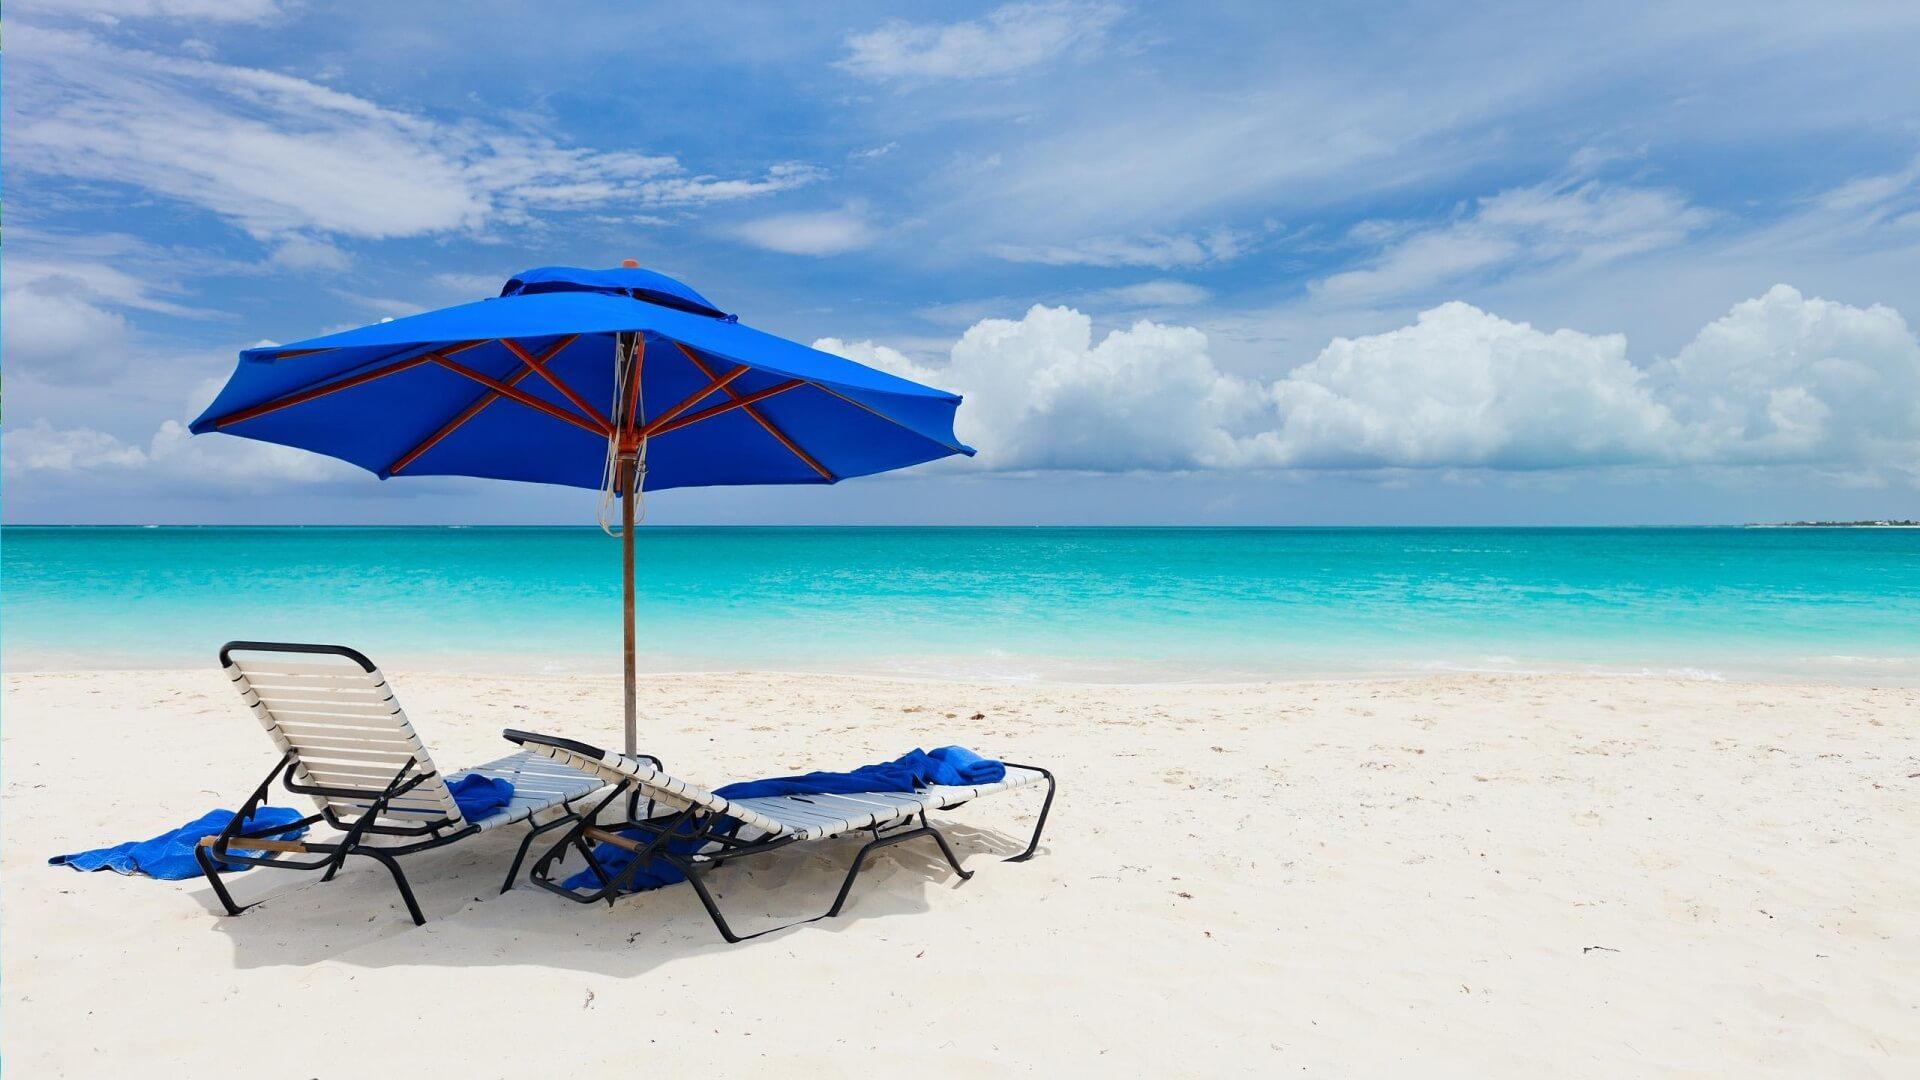 Красивые картинки пляжа для рабочего стола - подборка 2